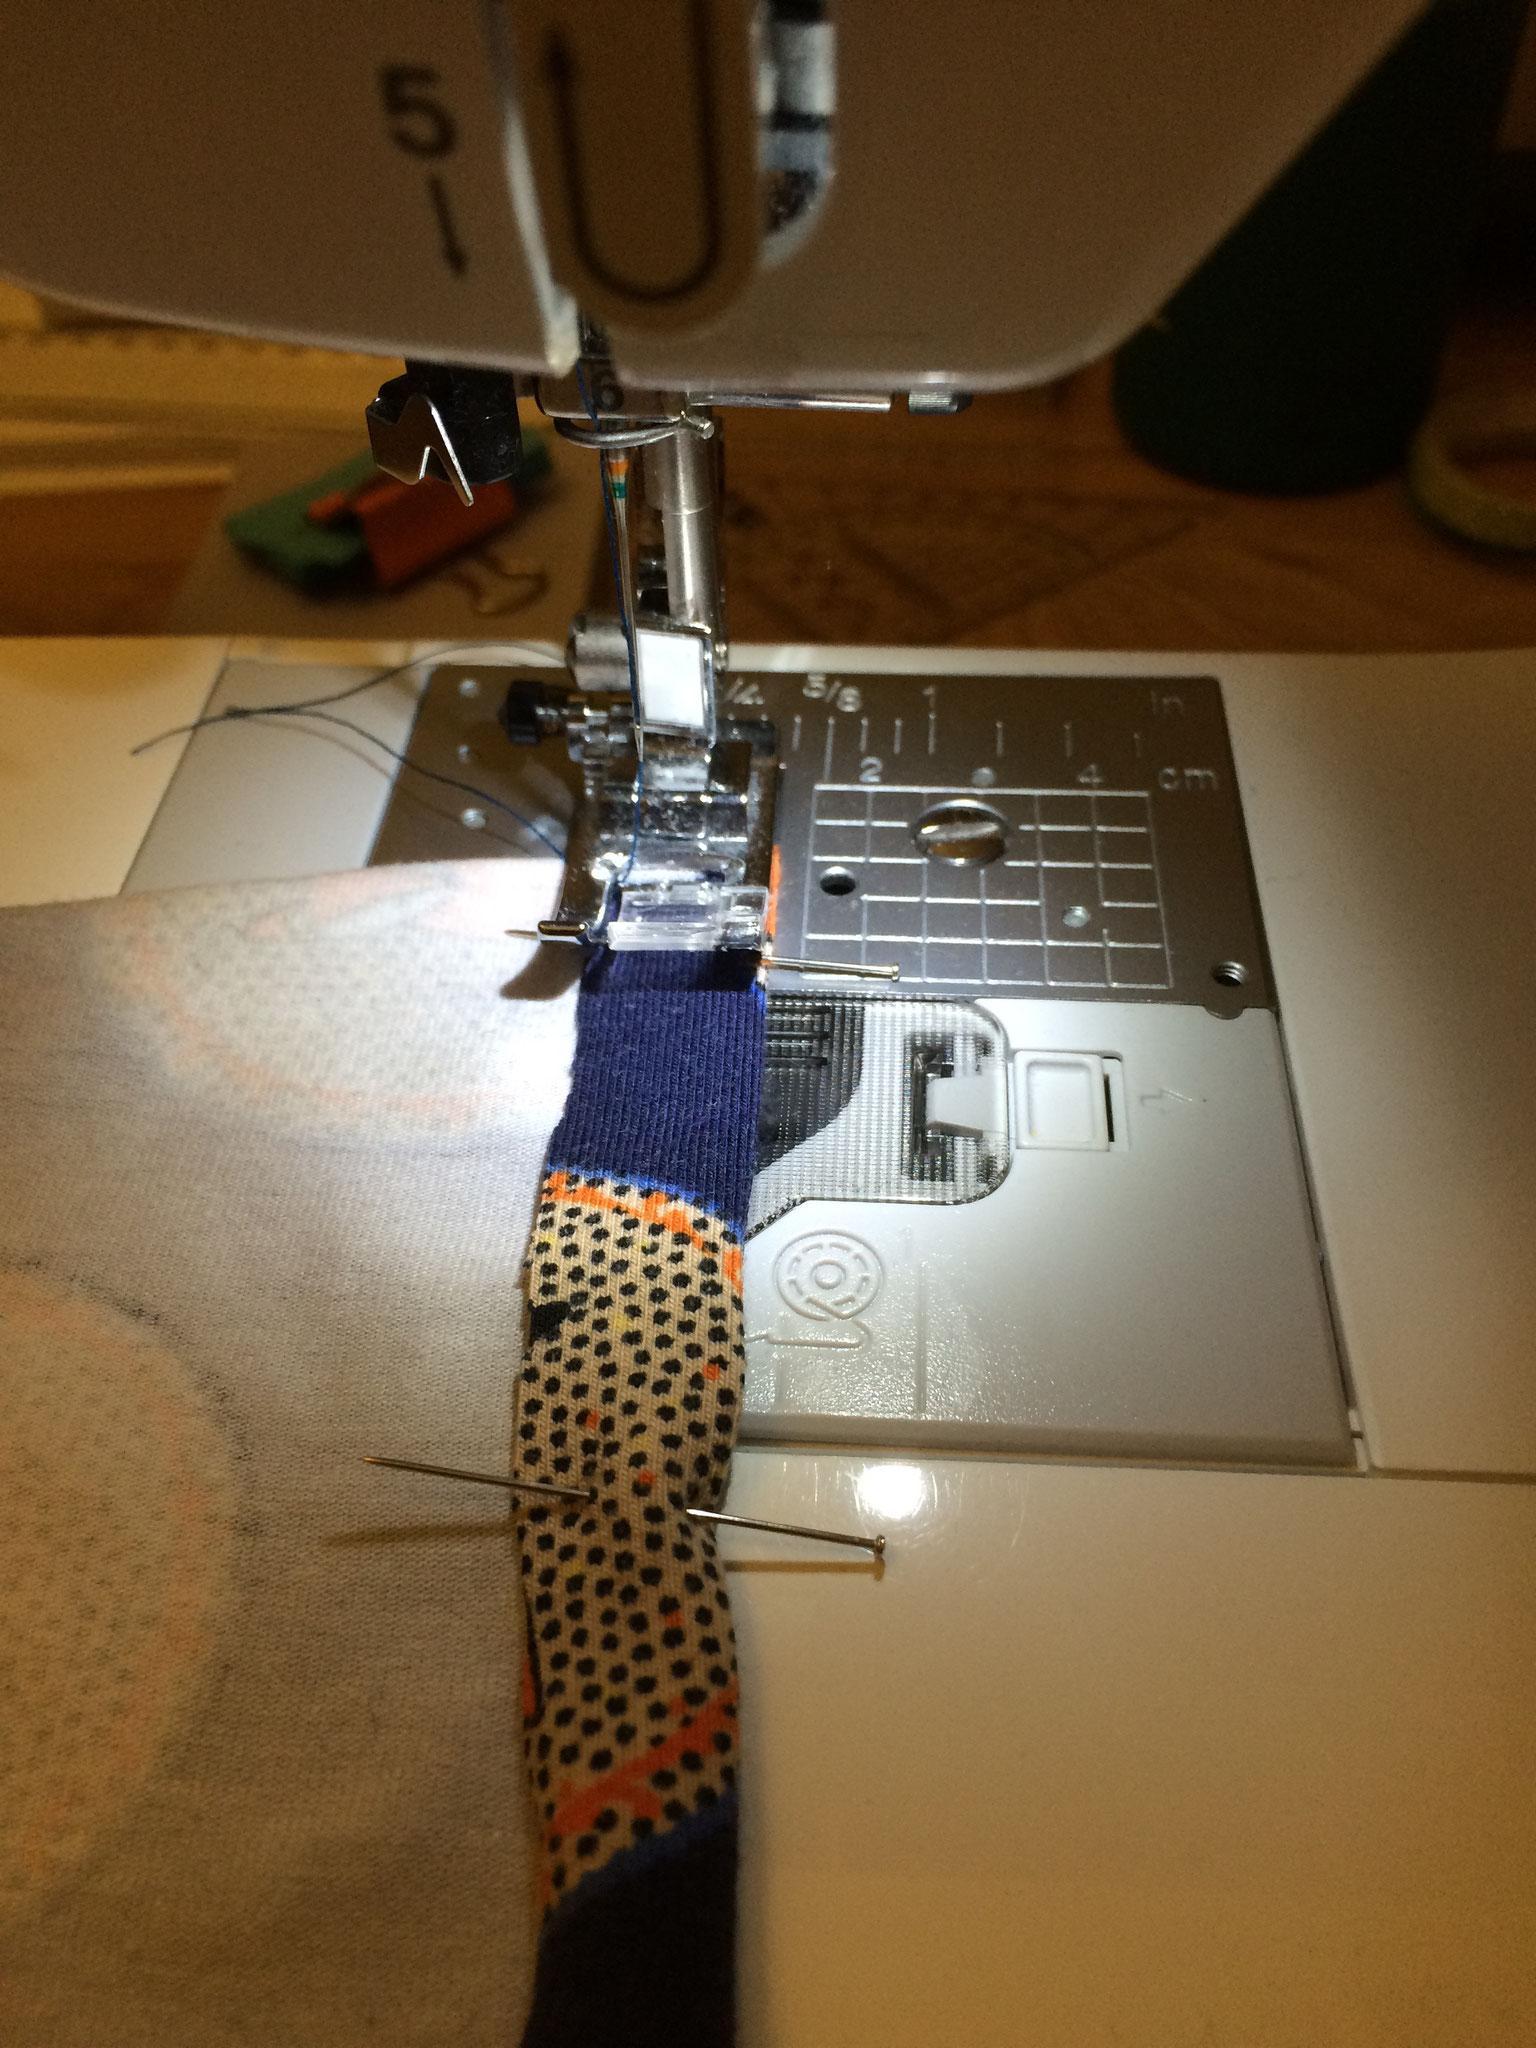 An den kurzen Seiten eures Rechtecks schlagt ihr den Stoff (bei Jersey) 1x 1cm nach innen um (bei Baumwolle 2x 1cm umklappen, damit es nicht ausfranst) und steckt dies mit Nadeln fest. Anschließend näht ihr es knappkantig fest.